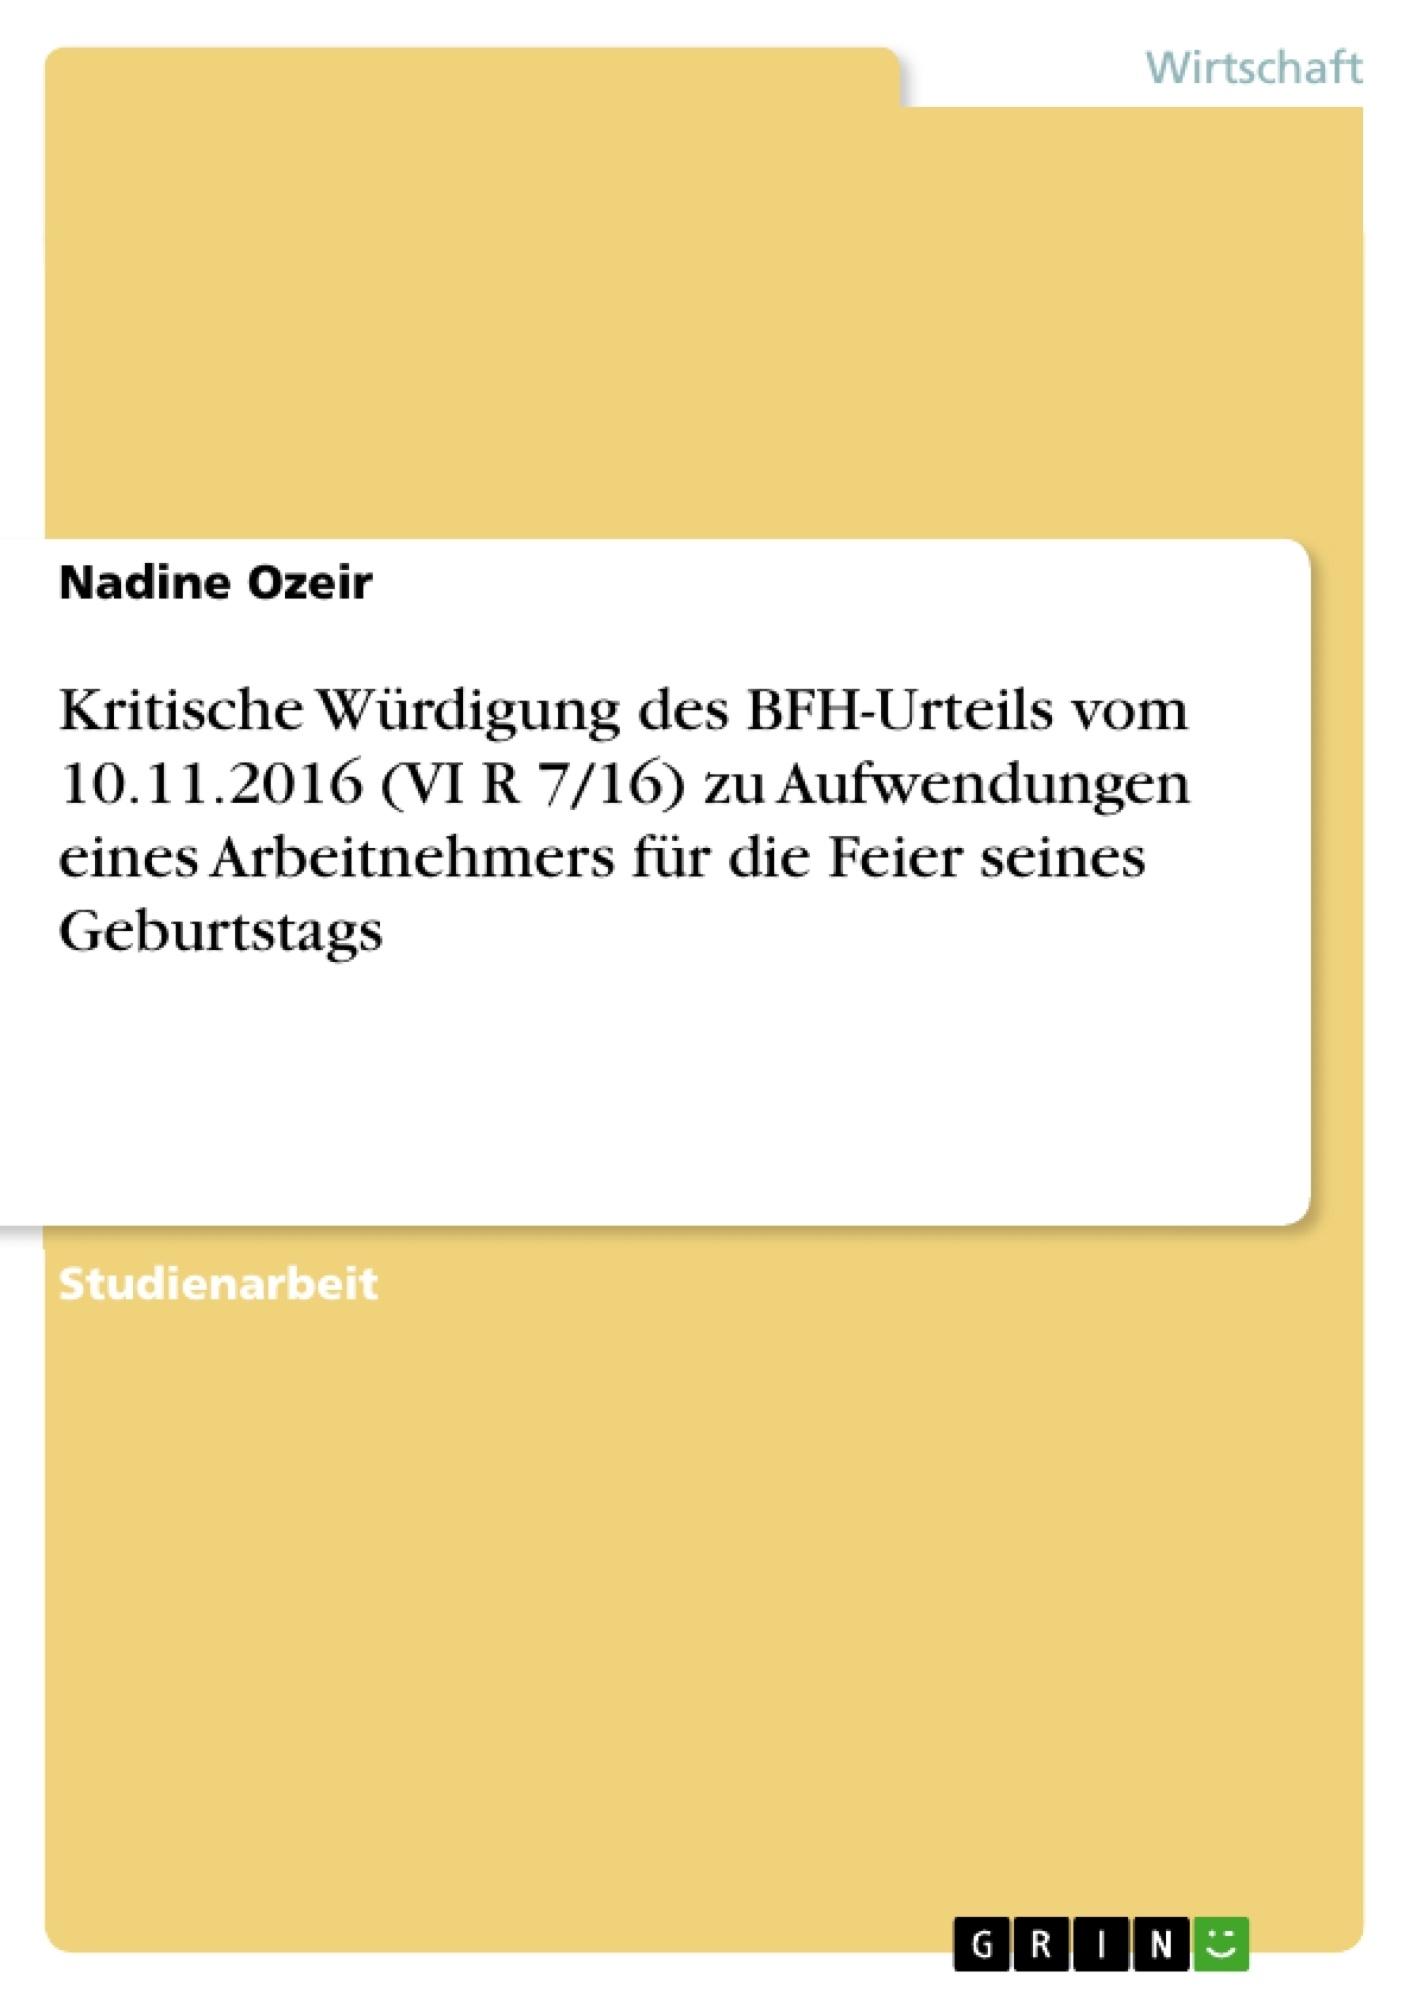 Titel: Kritische Würdigung des BFH-Urteils vom 10.11.2016 (VI R 7/16) zu Aufwendungen eines Arbeitnehmers für die Feier seines Geburtstags